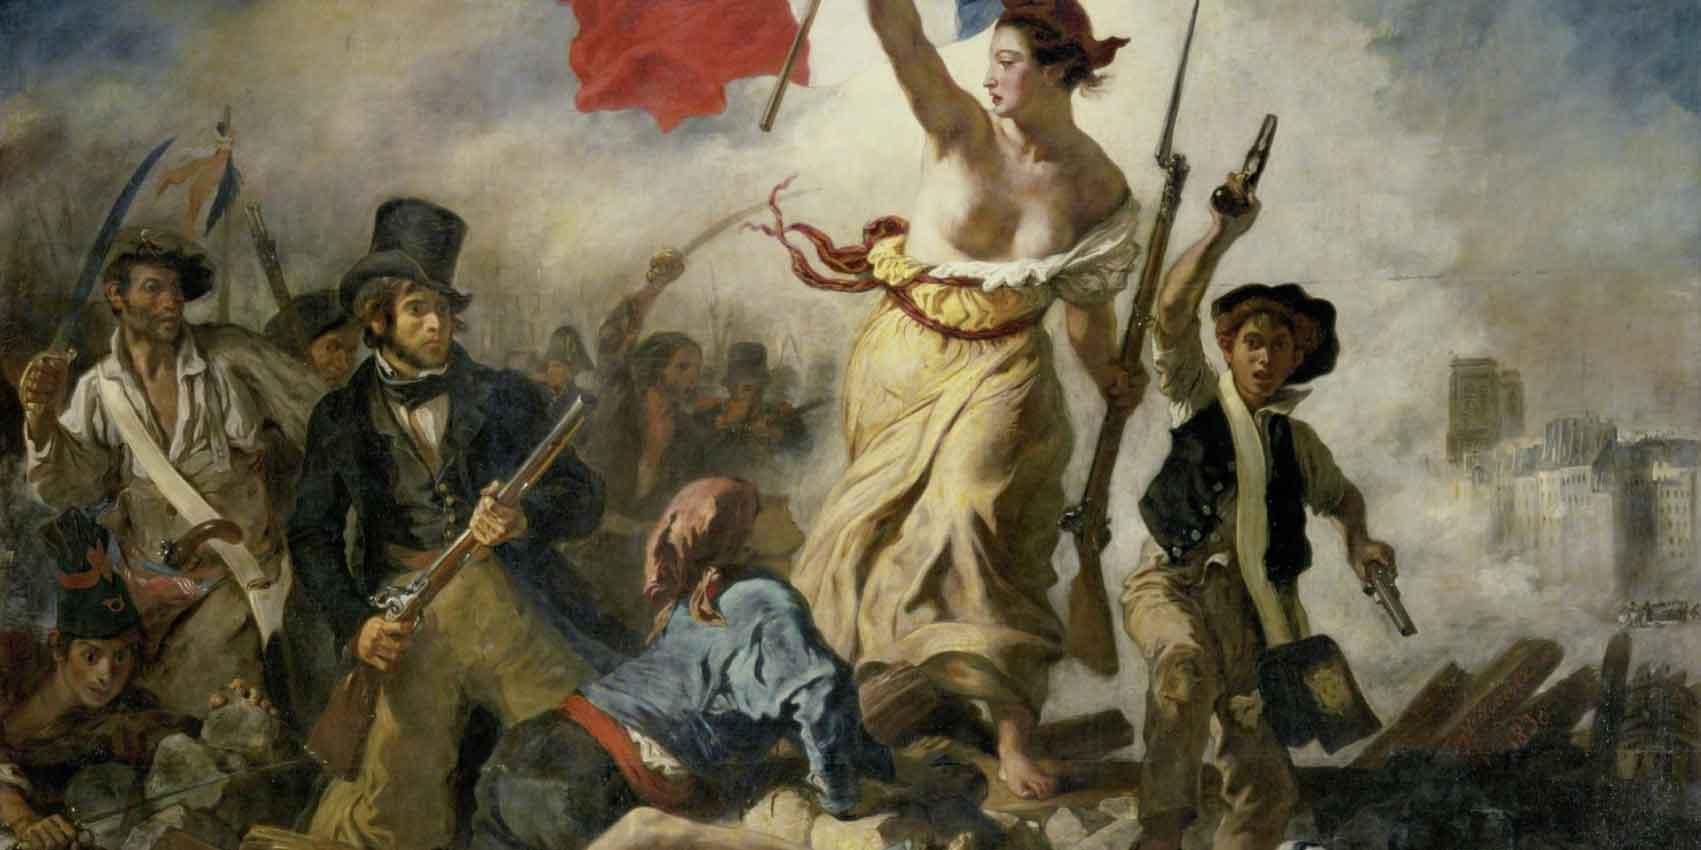 Opinião: Os perigos do coletivismo de direita